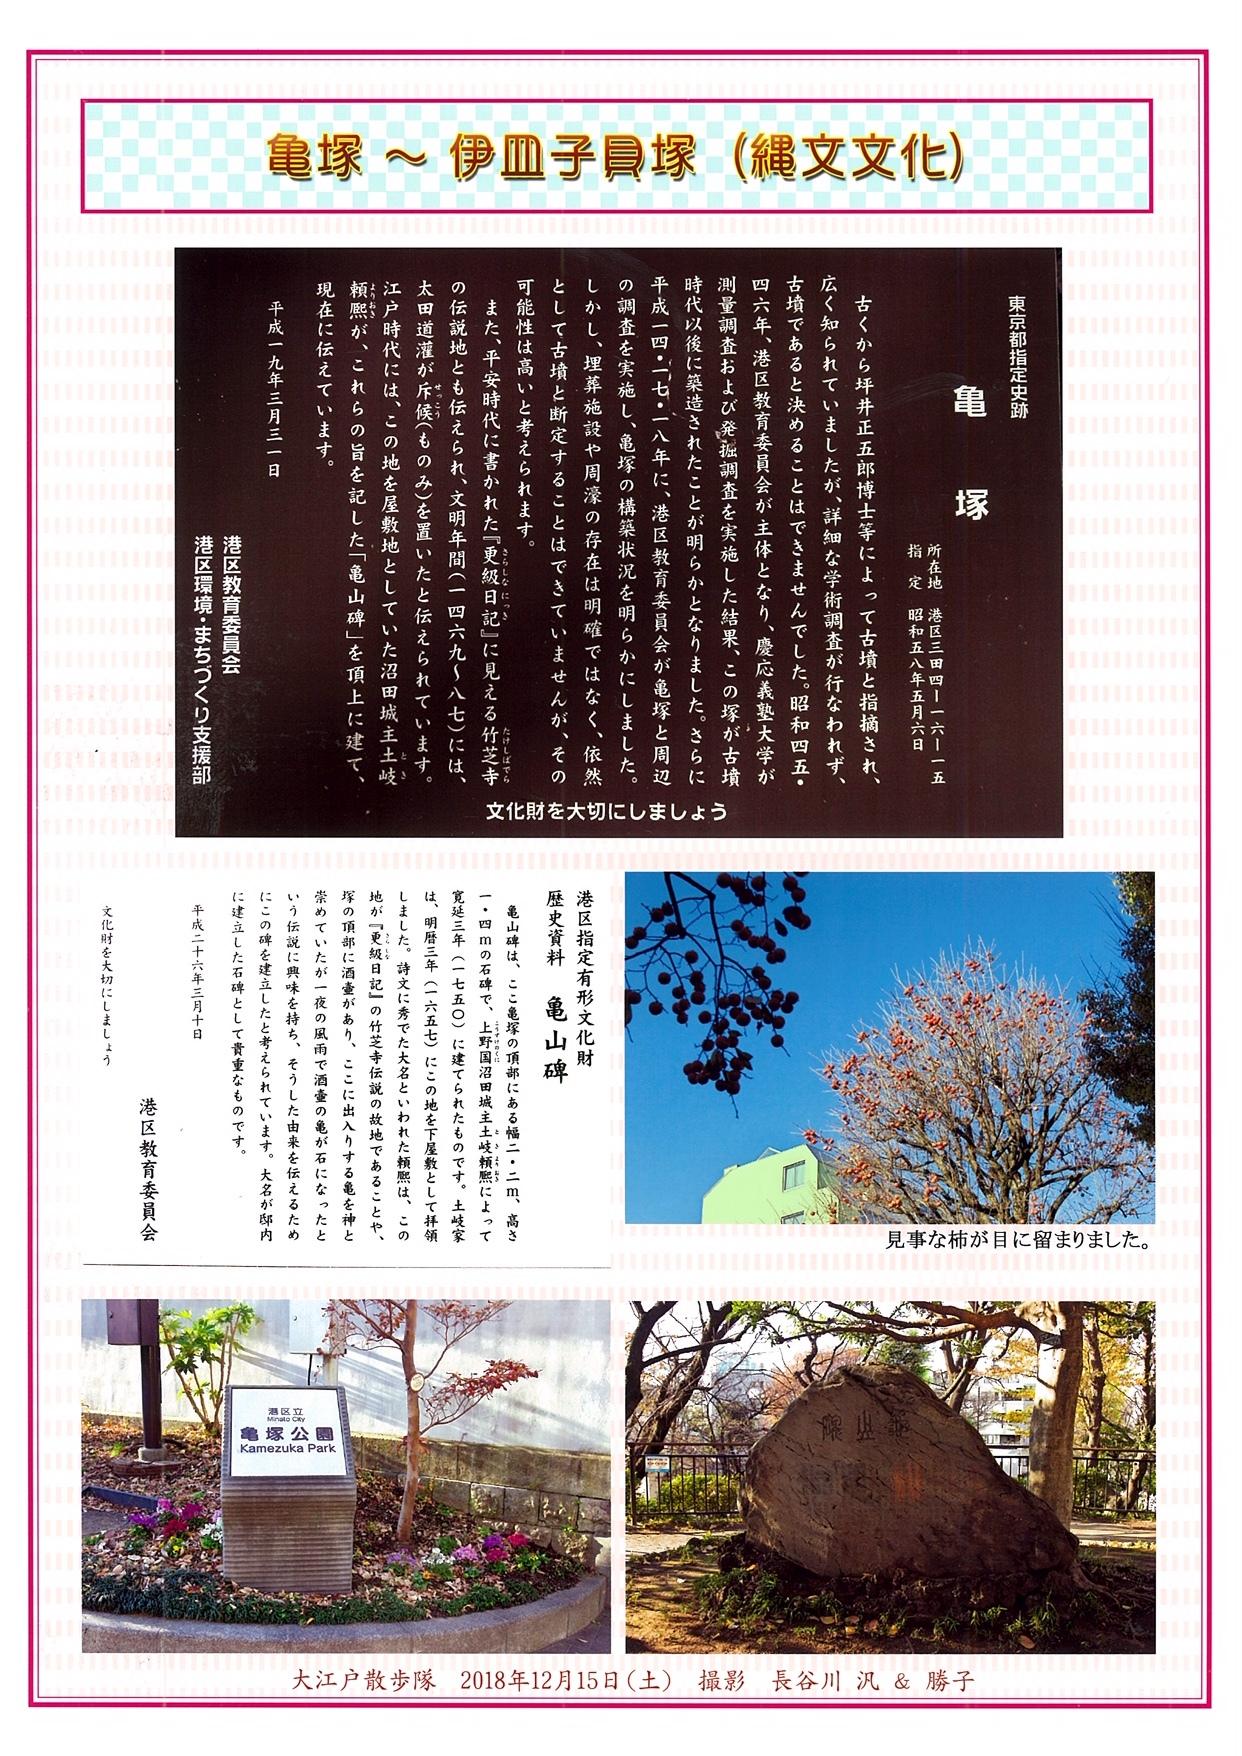 20181215_5.jpg